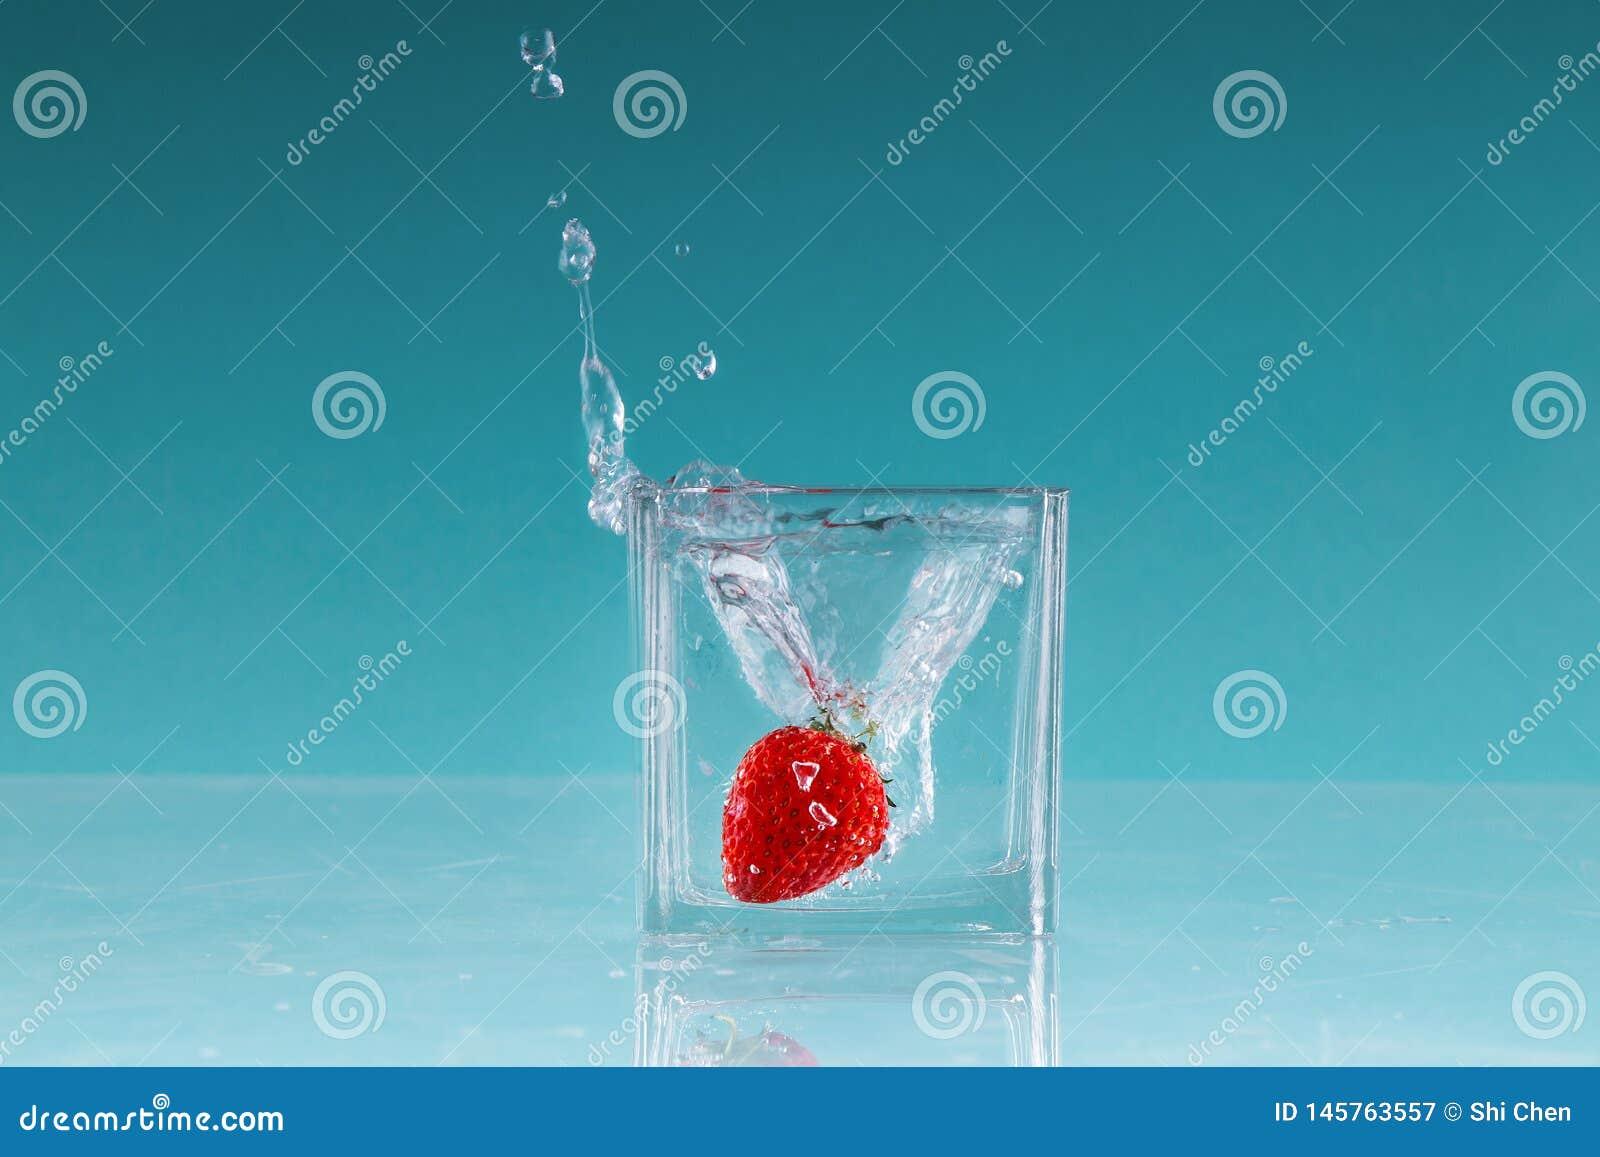 Snabbt fotografi f?r jordgubbefrukt